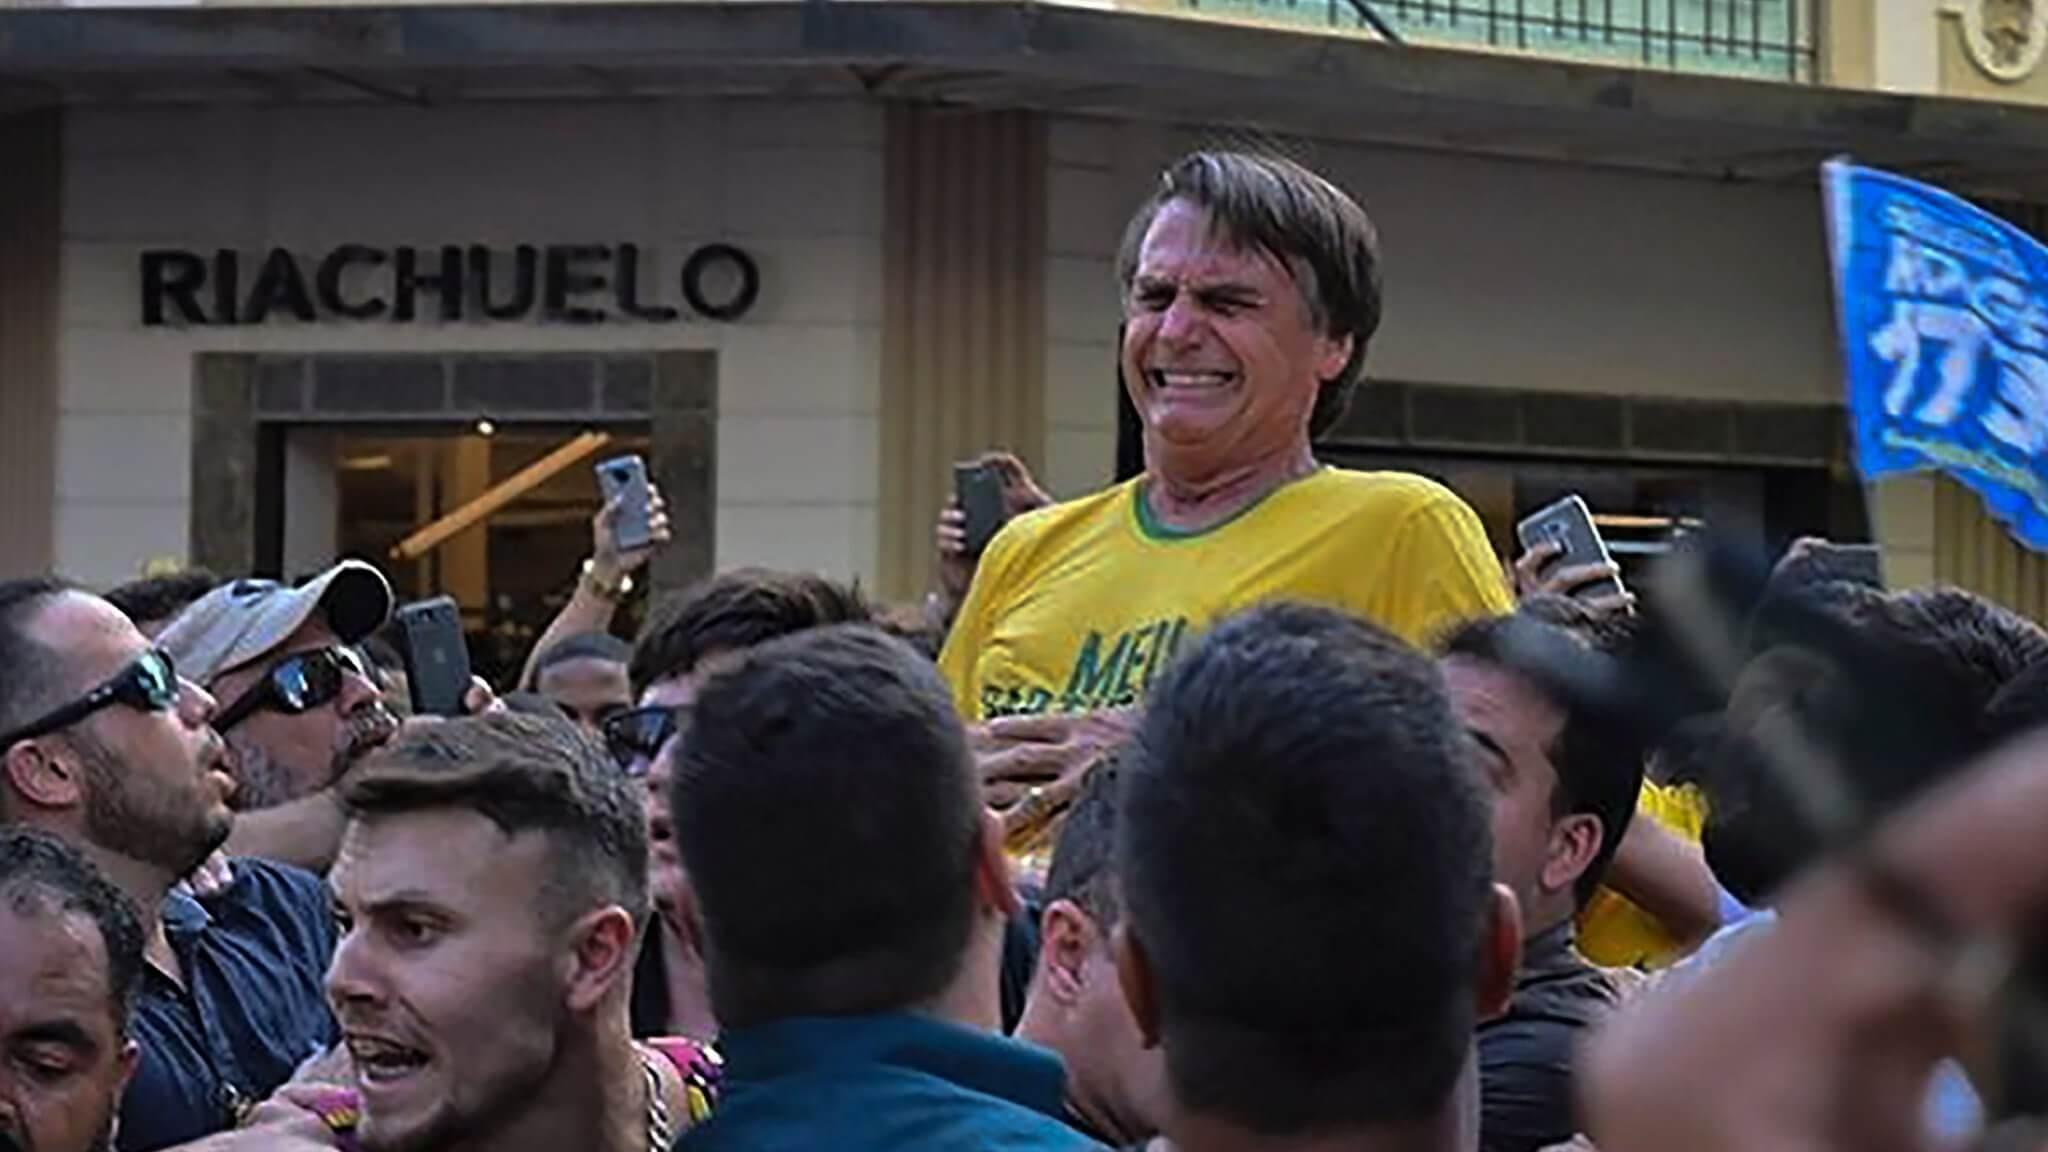 Corrupción, cárcel y atentados: ¿Por qué la política de Brasil se ha deteriorado tanto?